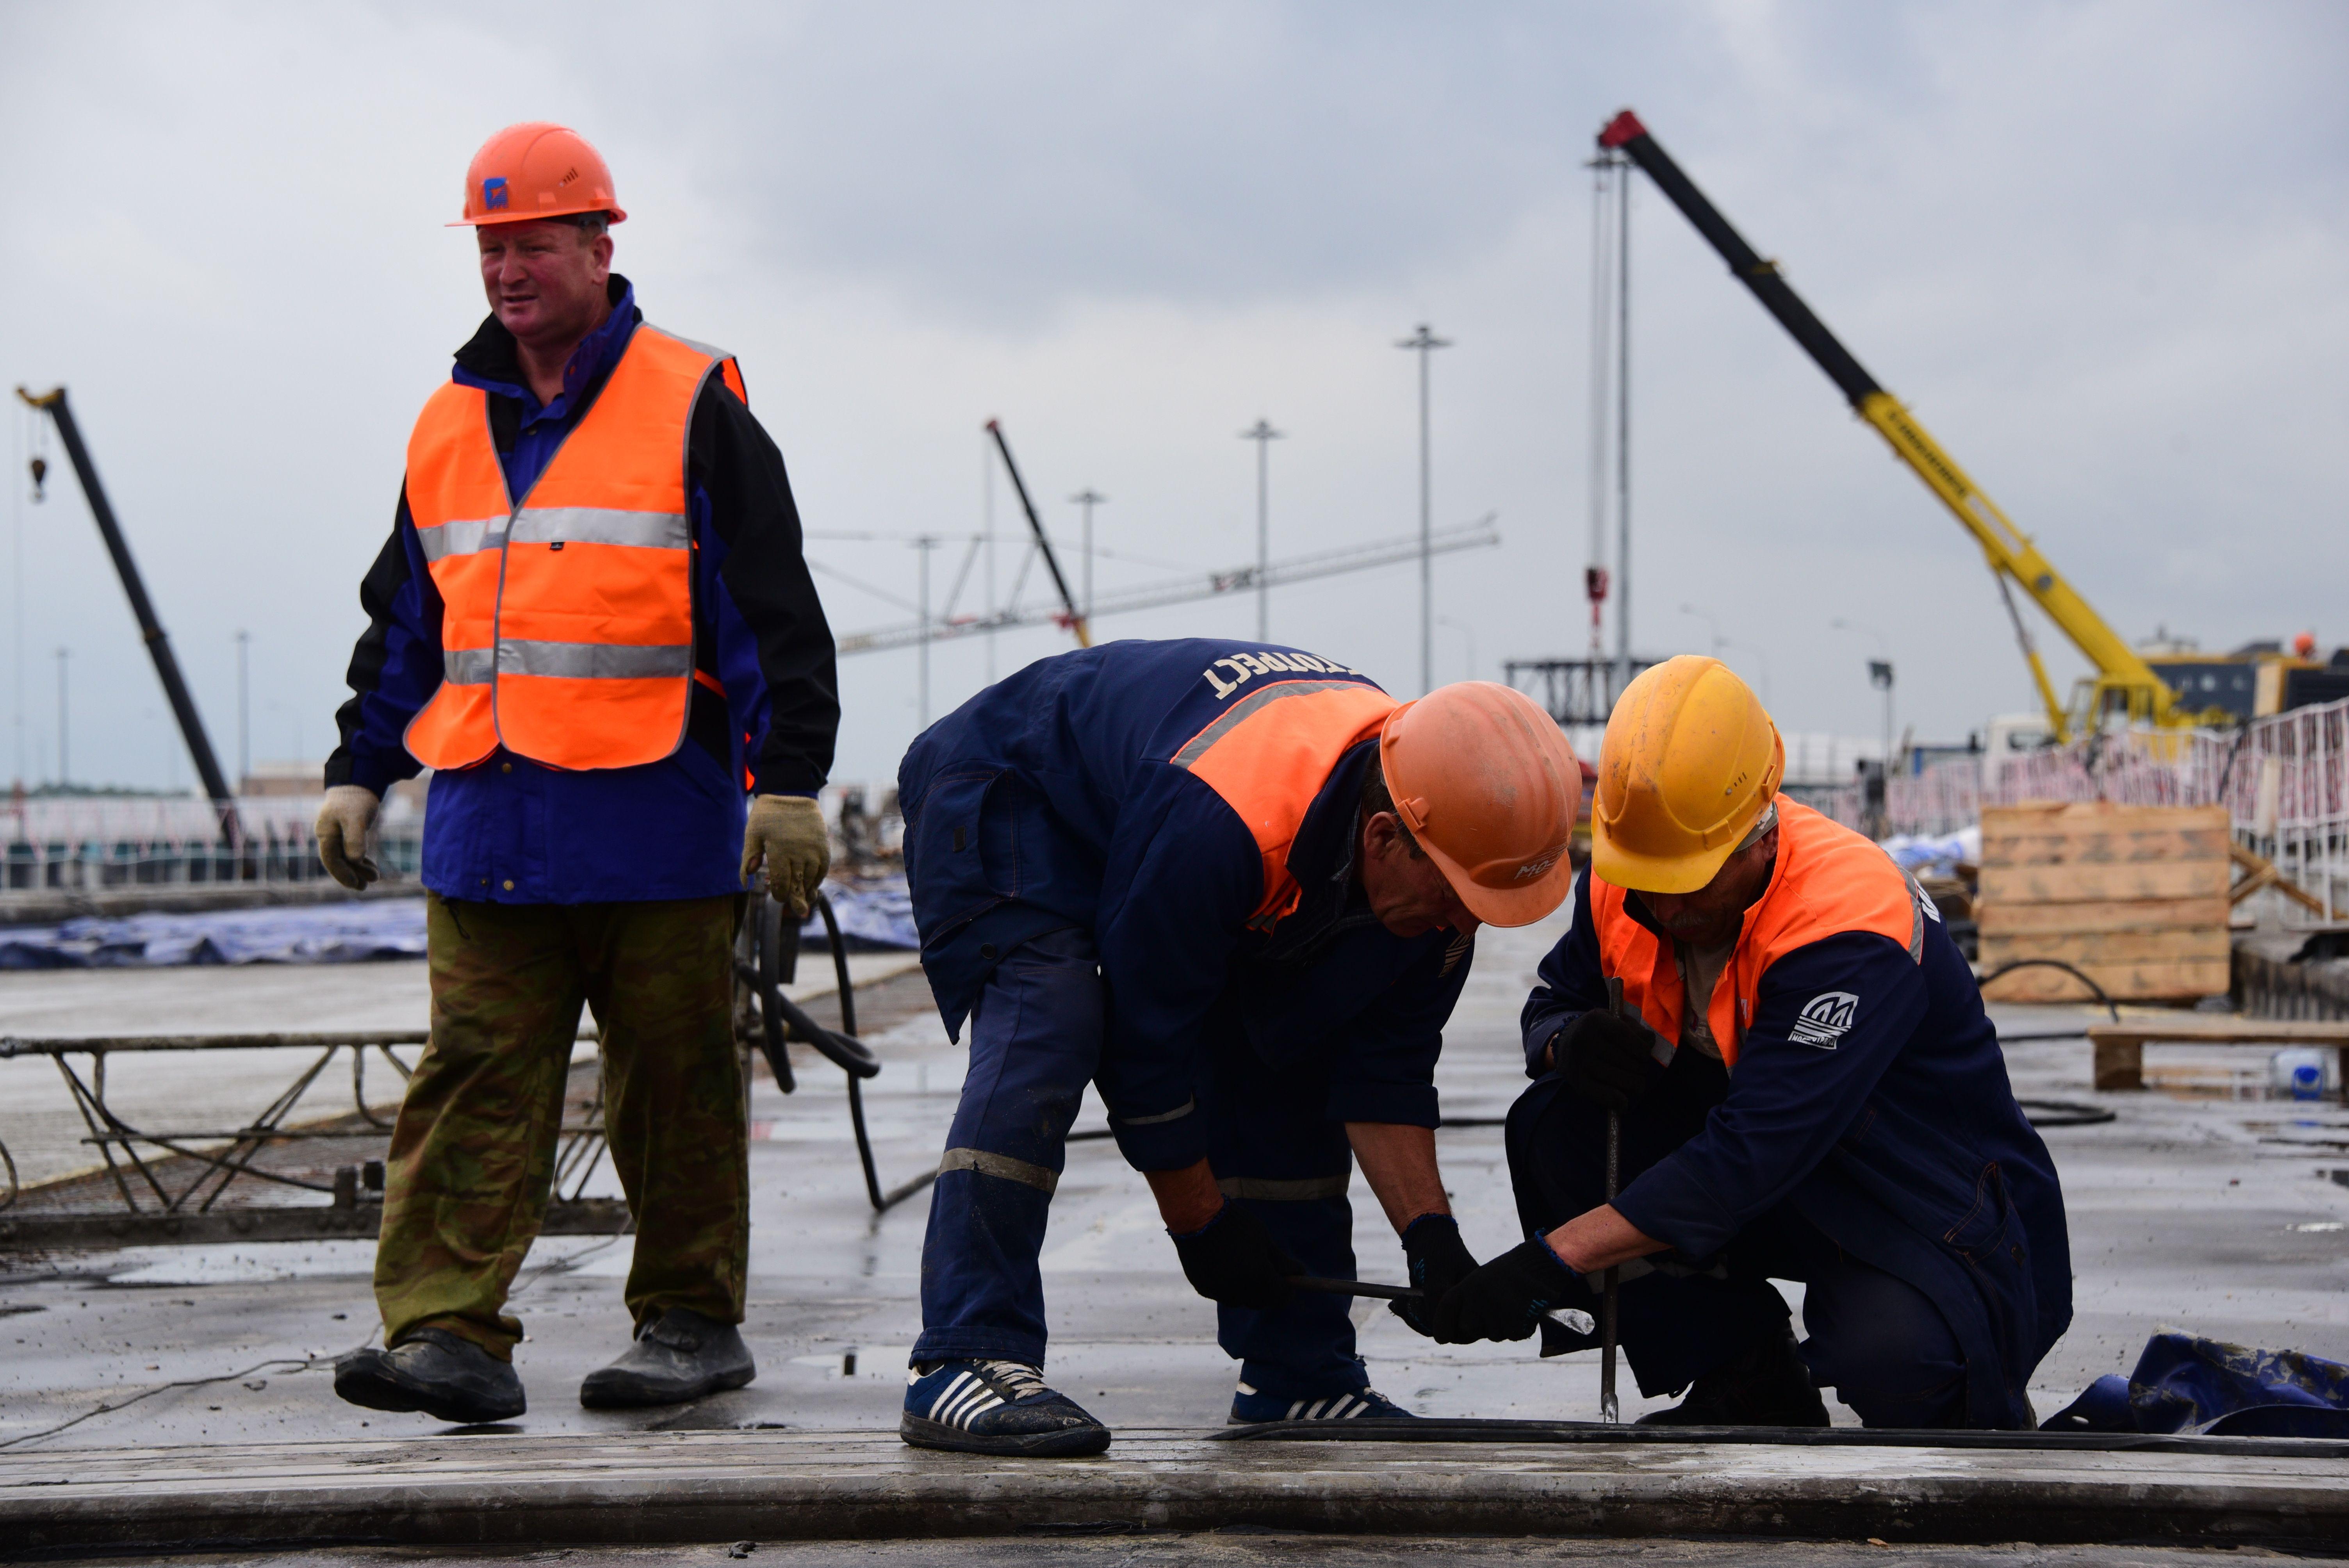 Укладка асфальта на съезде с Калужского шоссе началась в Новой Москве